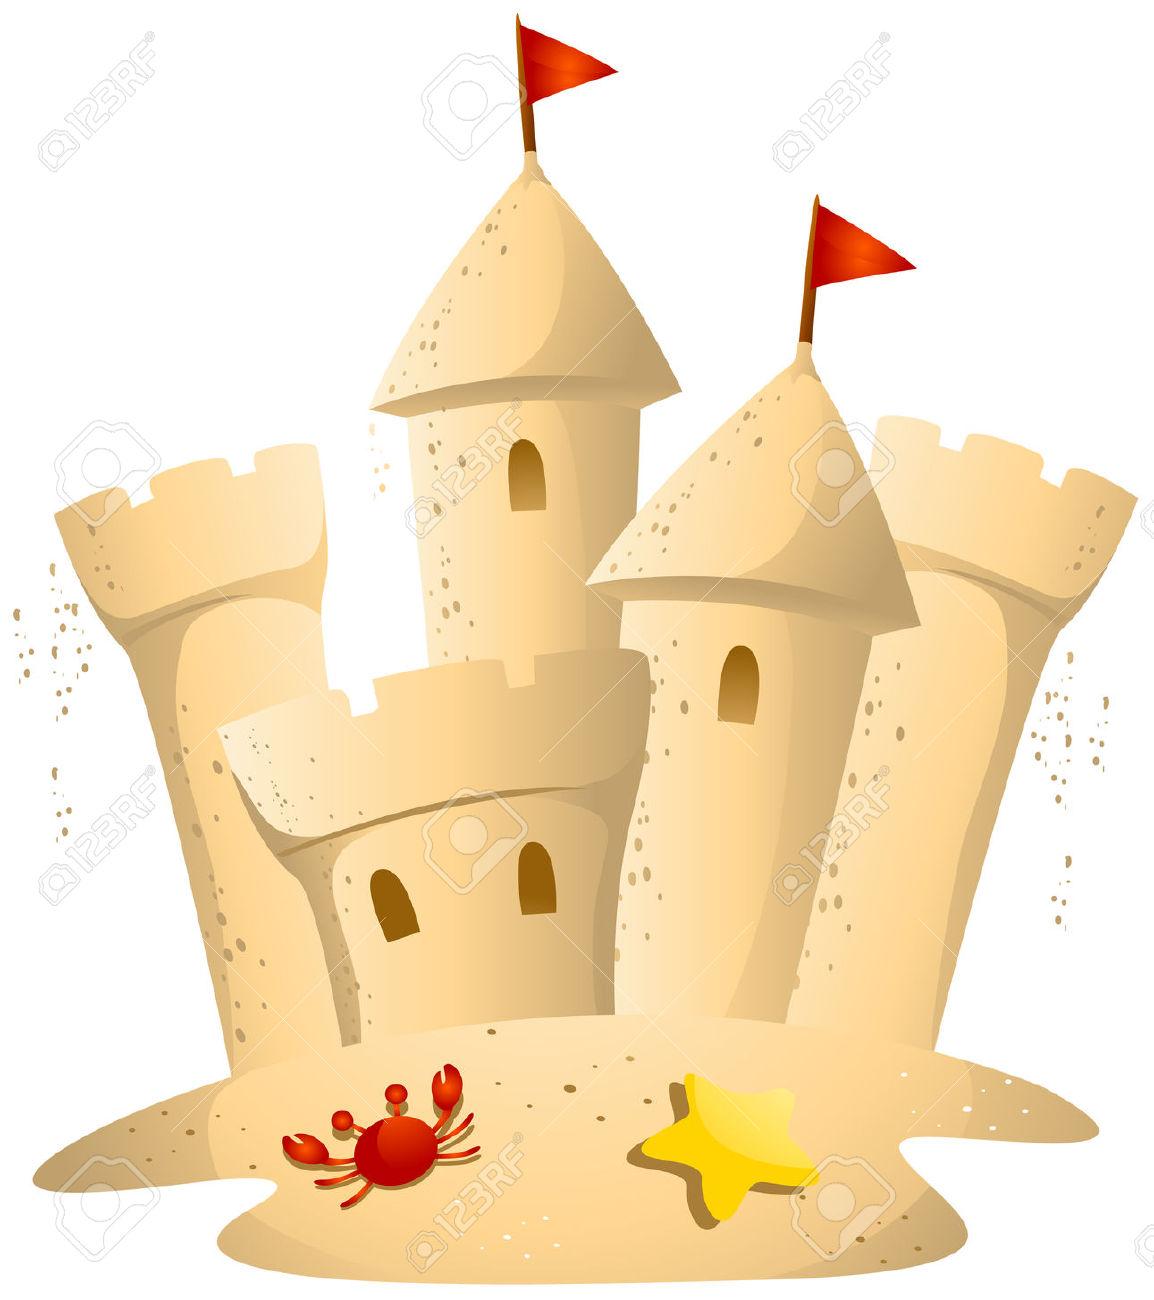 Sand castle images clip art - .